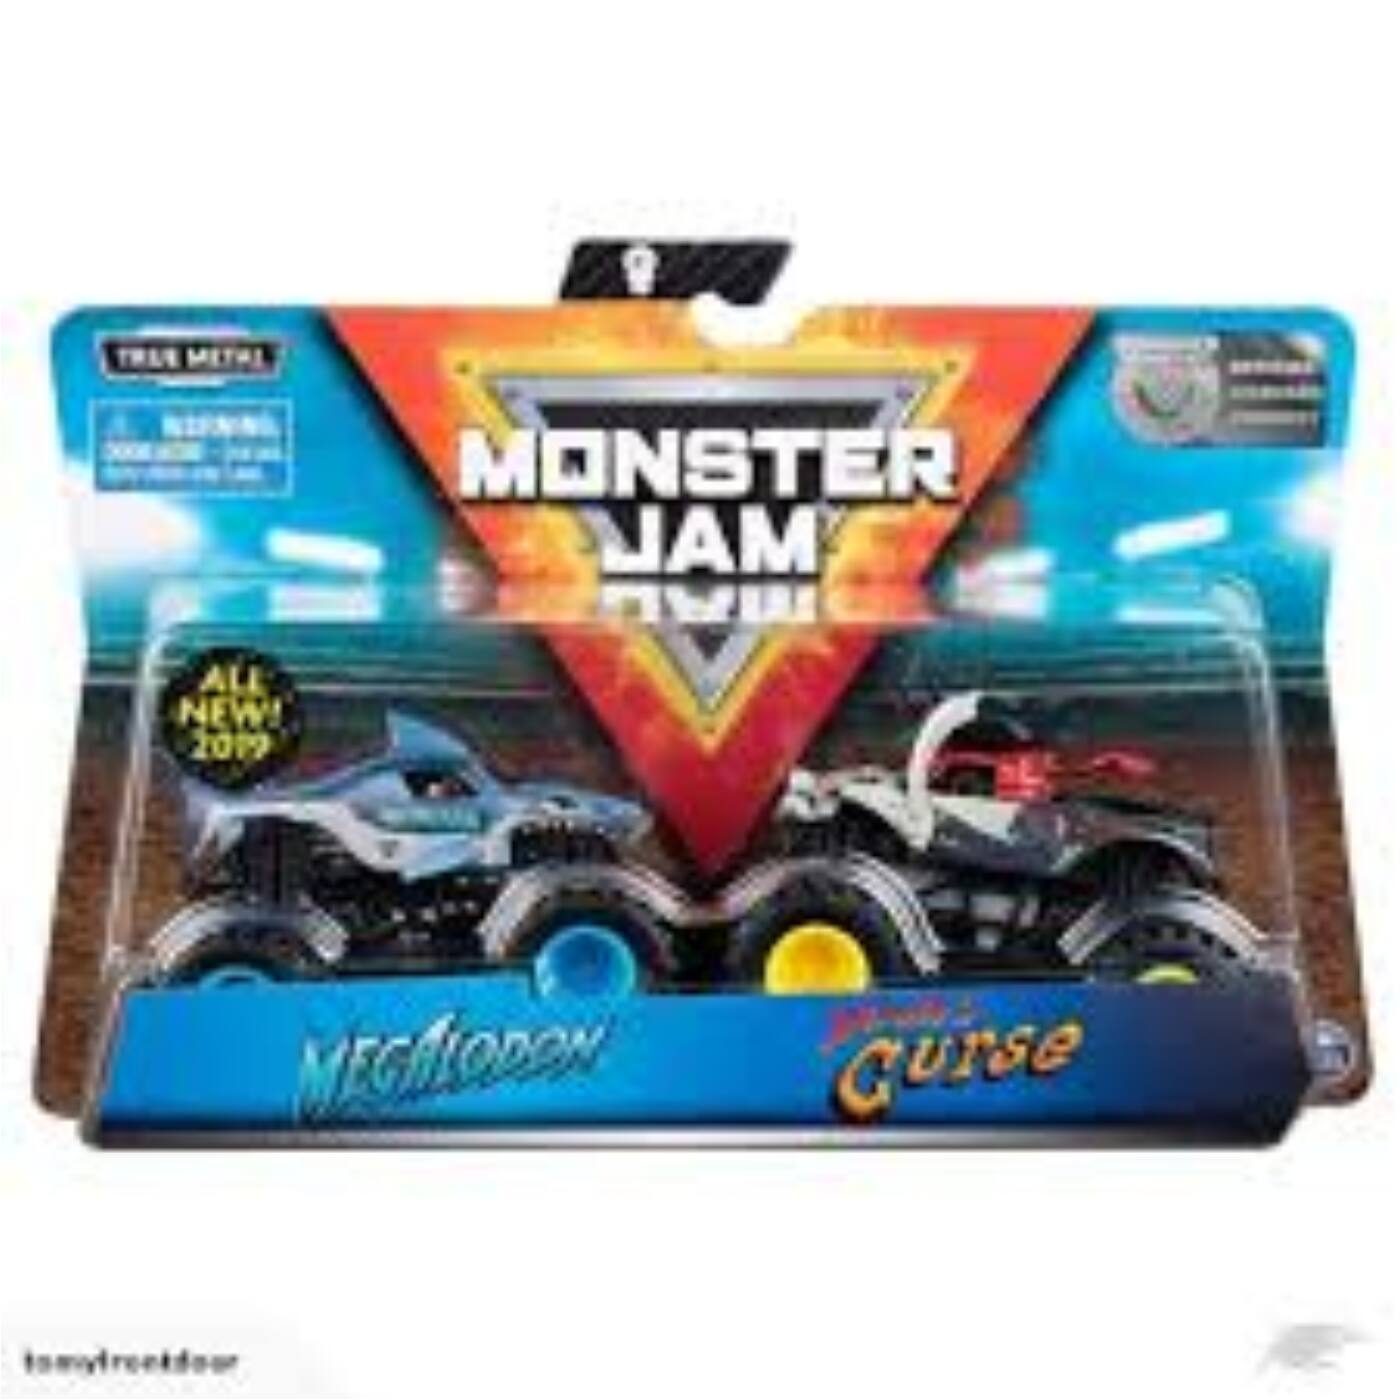 Monster Jam kisautók